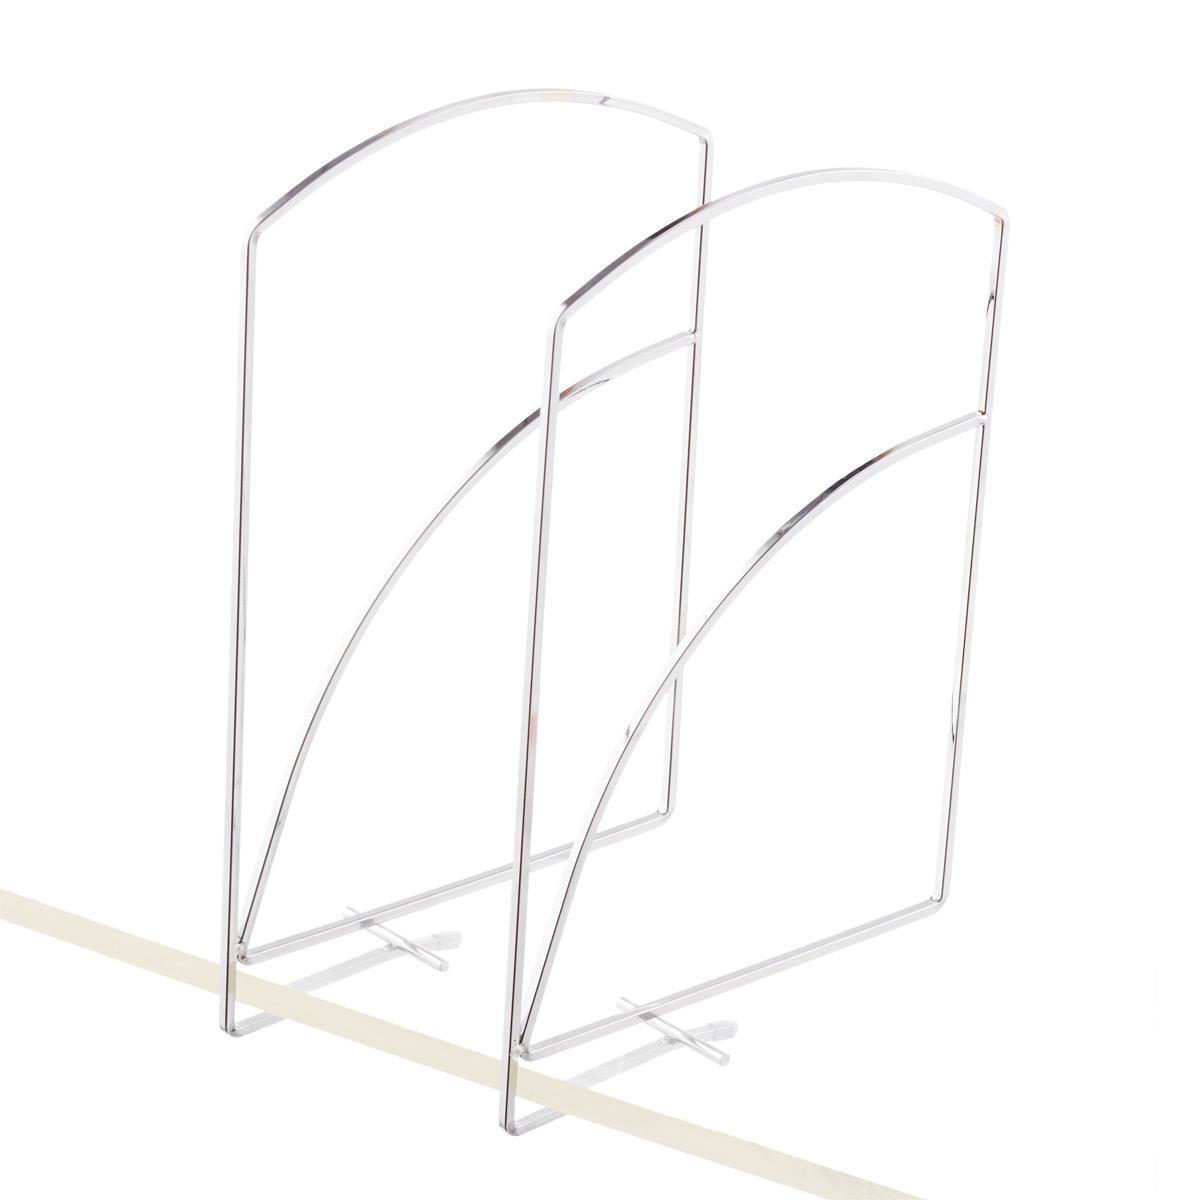 Tall Wire Shelf Dividers - Dolgular.com